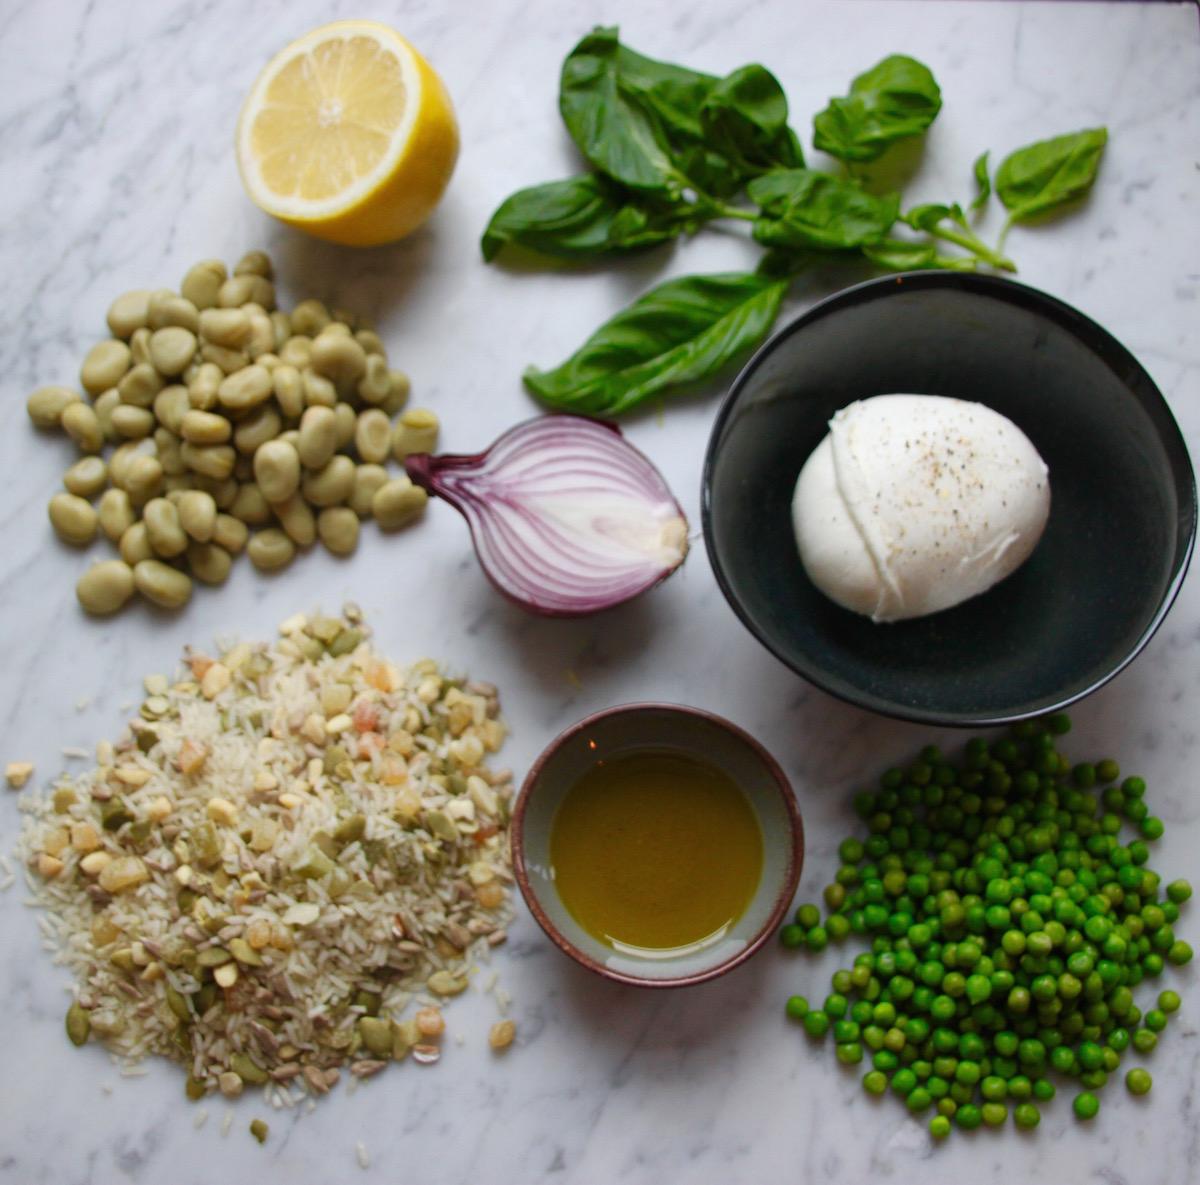 notenrijst salade ingrediënten